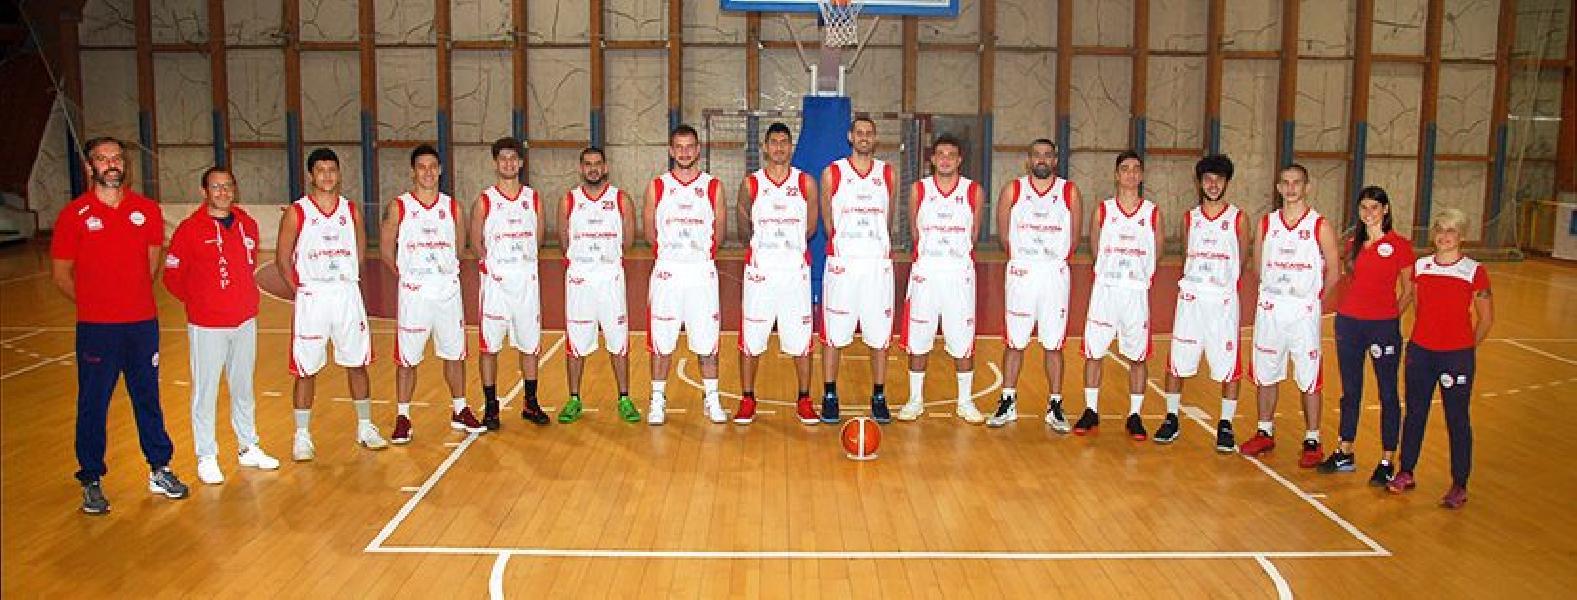 https://www.basketmarche.it/immagini_articoli/10-01-2019/teramo-spicchi-coach-stirpe-termoli-gara-giusta-ripartire-meglio-600.jpg